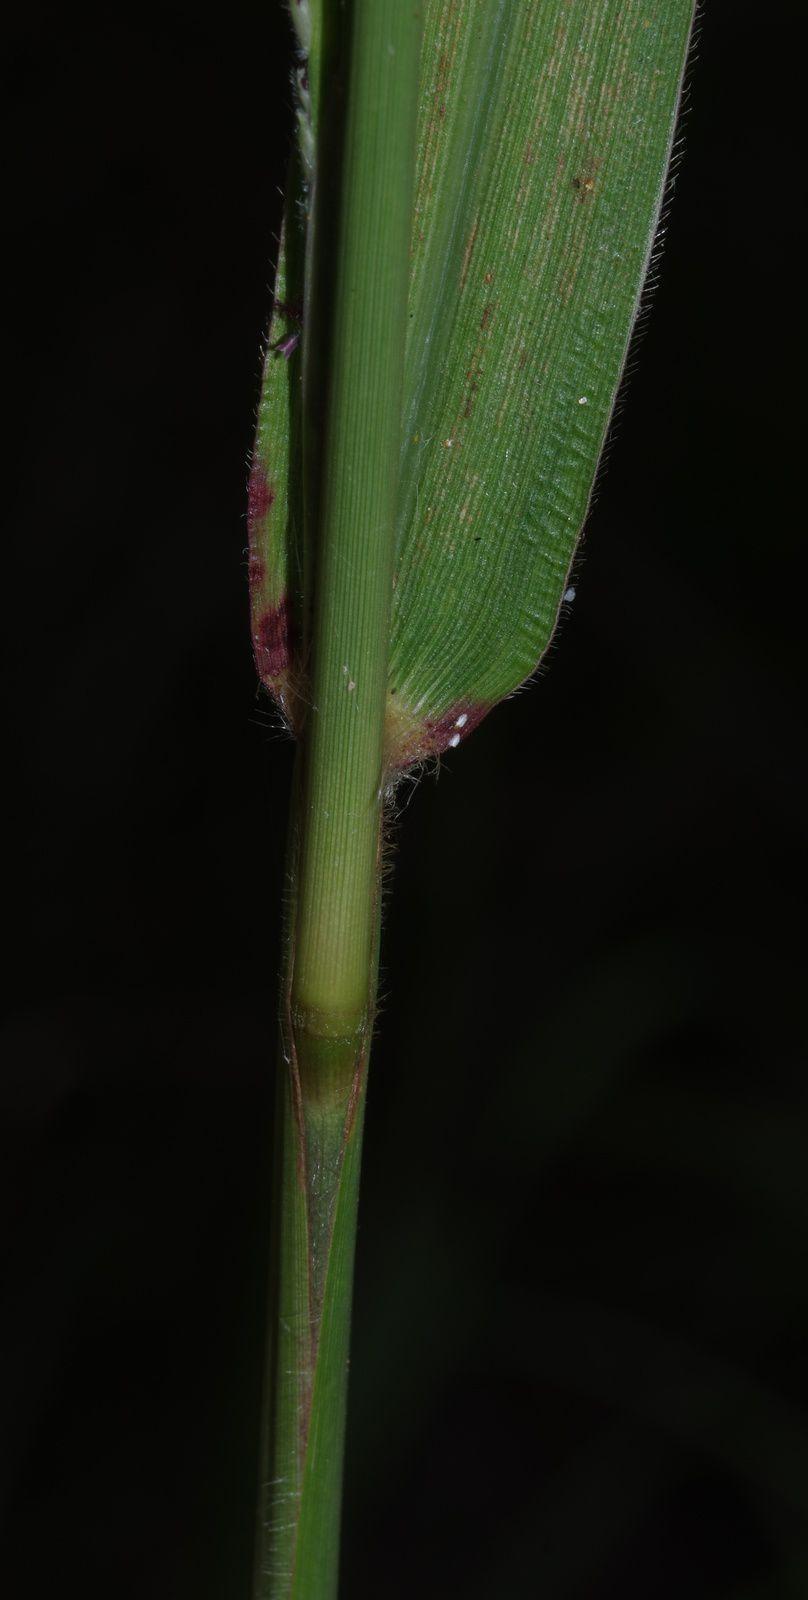 Thrasya robusta